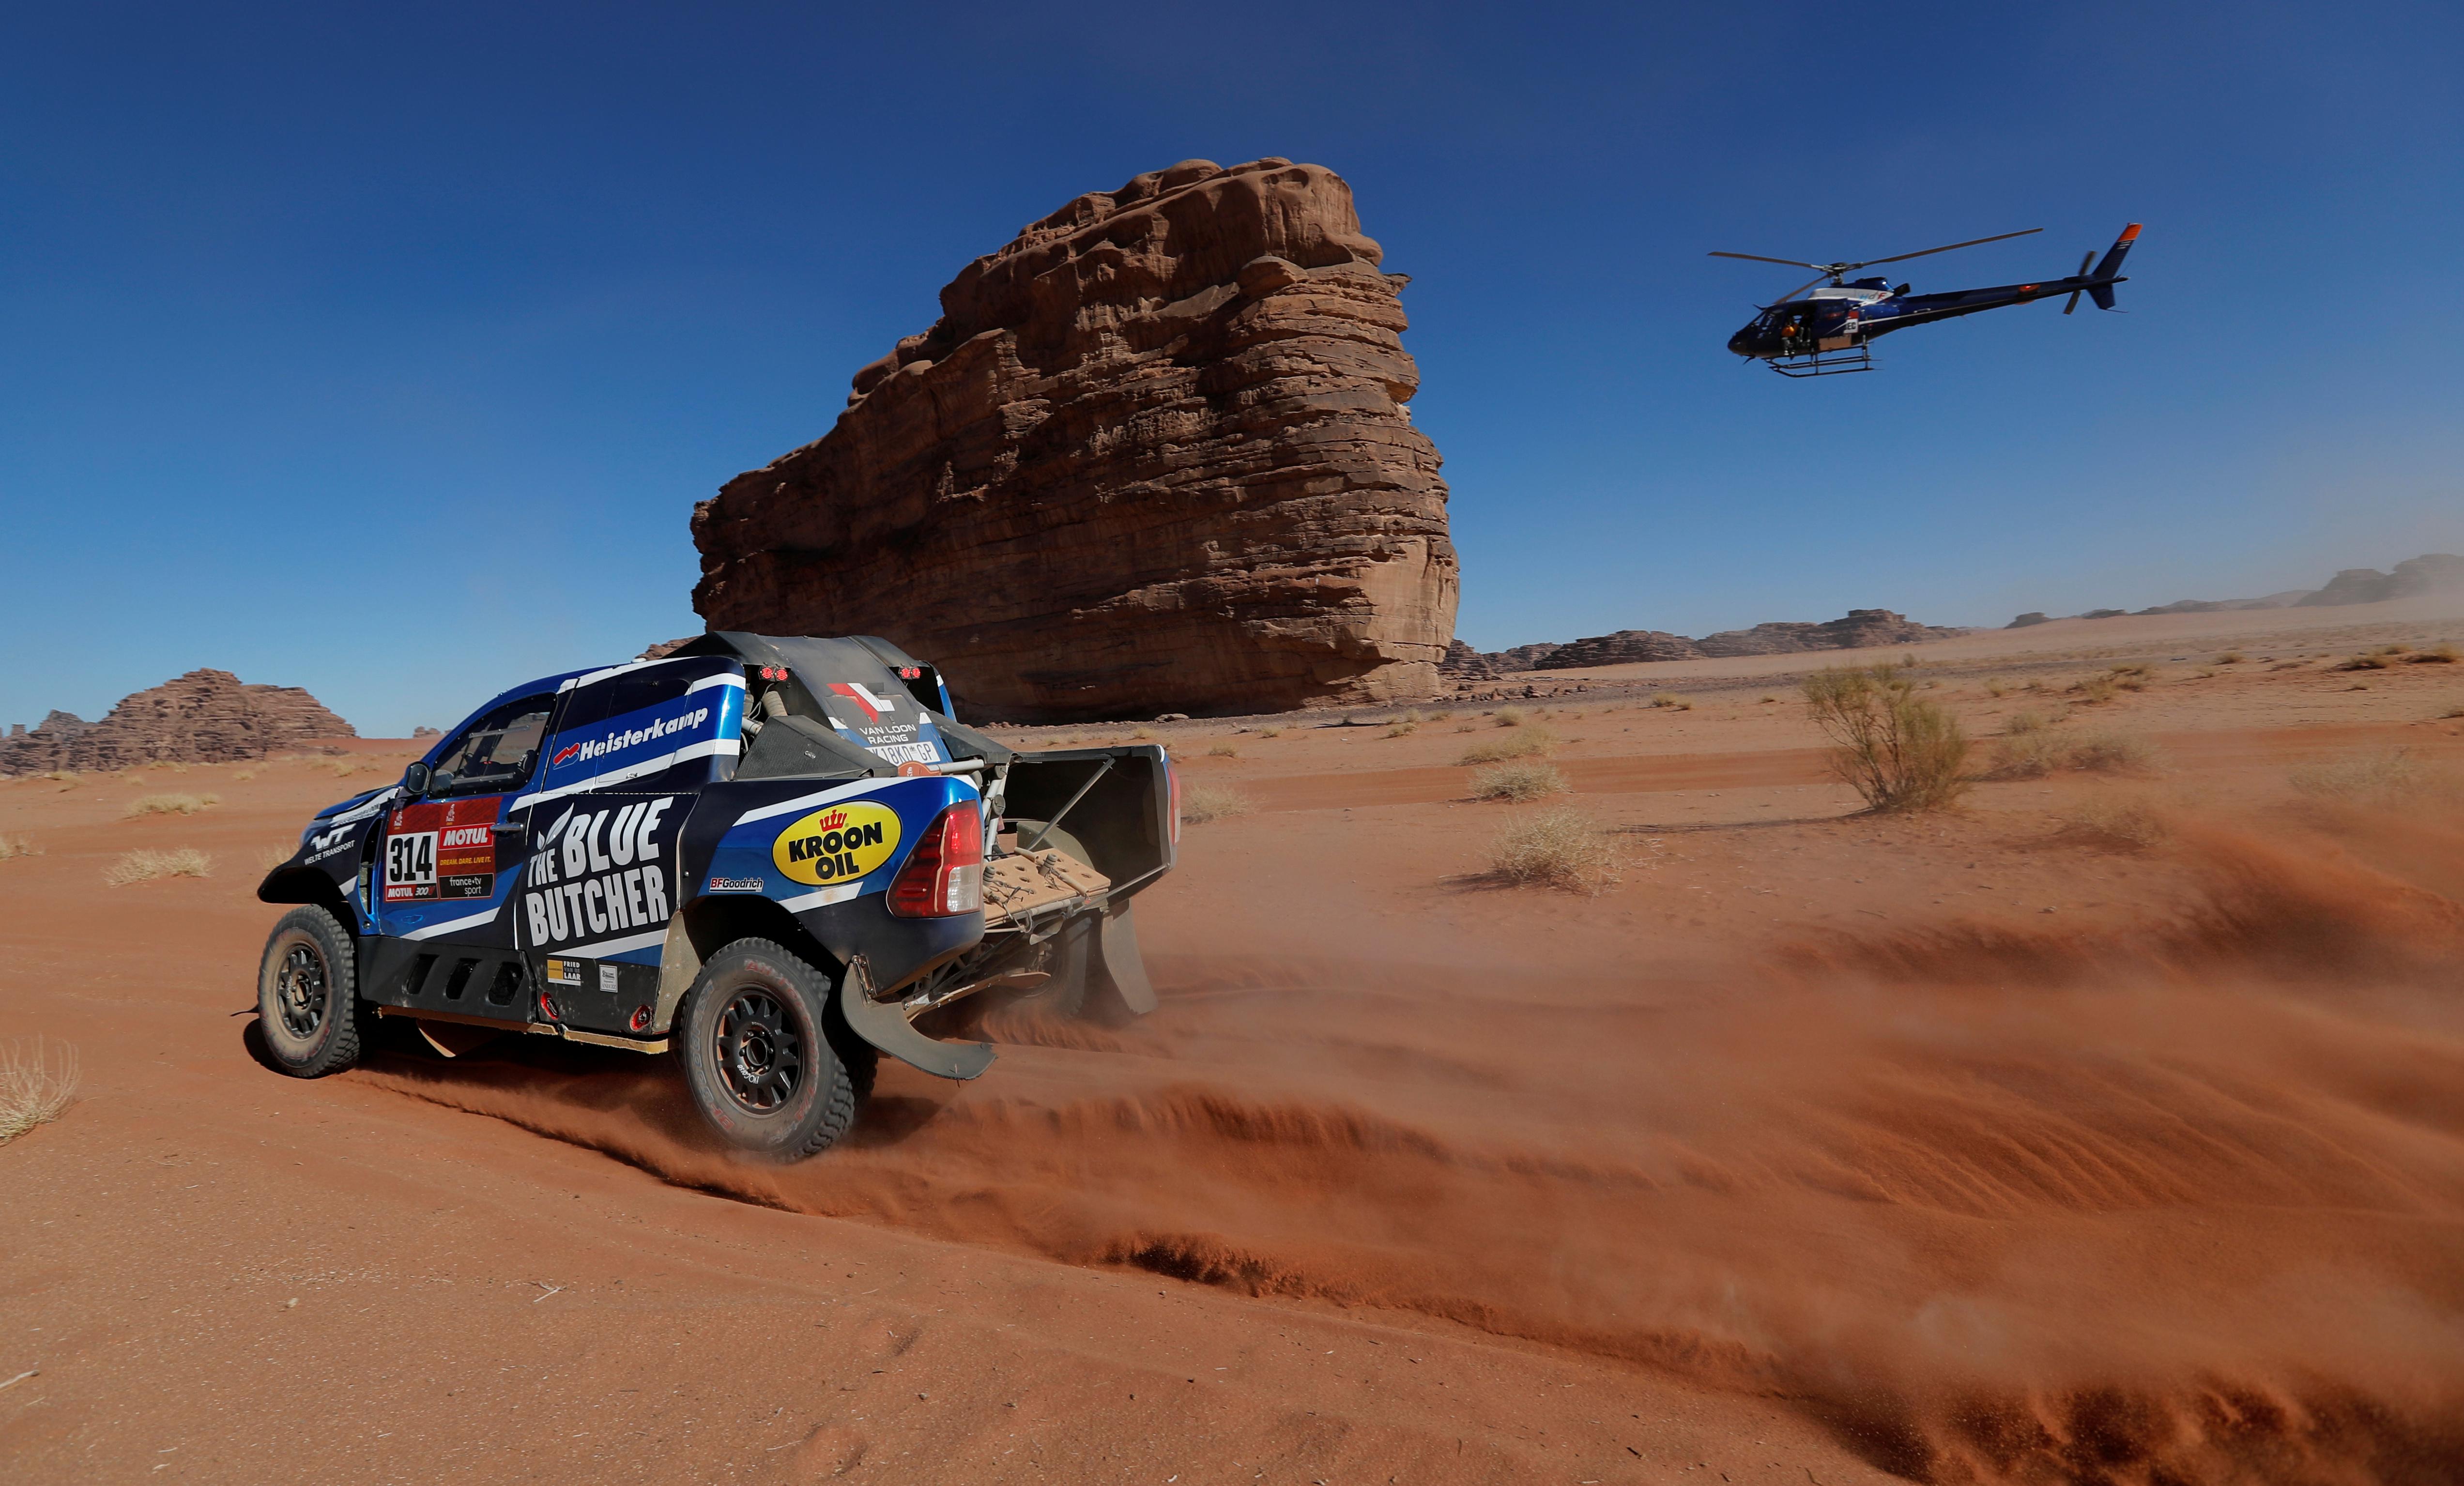 En el tercer día de competencia del rally más duro del mundo, también debieron retirarse los competidores de motos Olaf Harmsen, Paulo Gonçalves, Martien Jimmink y Adrien van Beveren, quien sufrió un tremendo choque con su Yamaha y terminó con una fractura en la clavícula derecha y un hematoma en la cadera. Parece que la versión árabe del Rally Dakar se presenta muy peligrosa para los pilotos que intentan adaptarse al nuevo trazado tras una década compitiendo en suelo sudamericano